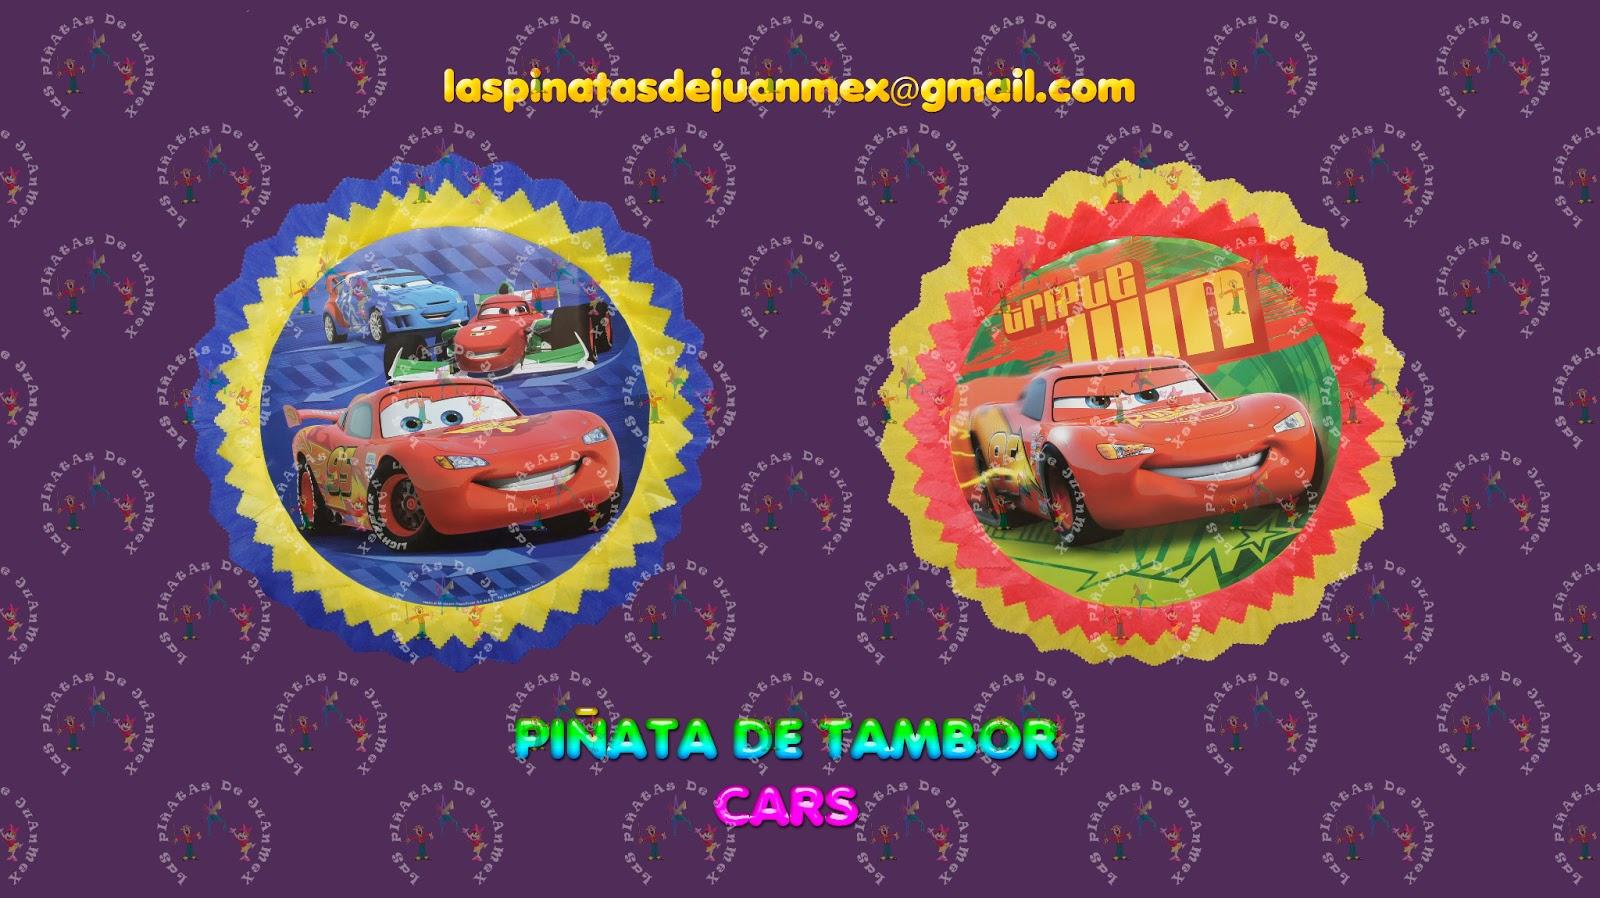 las pi u00d1atas de juanmex  pi u00f1atas de tambor de cars